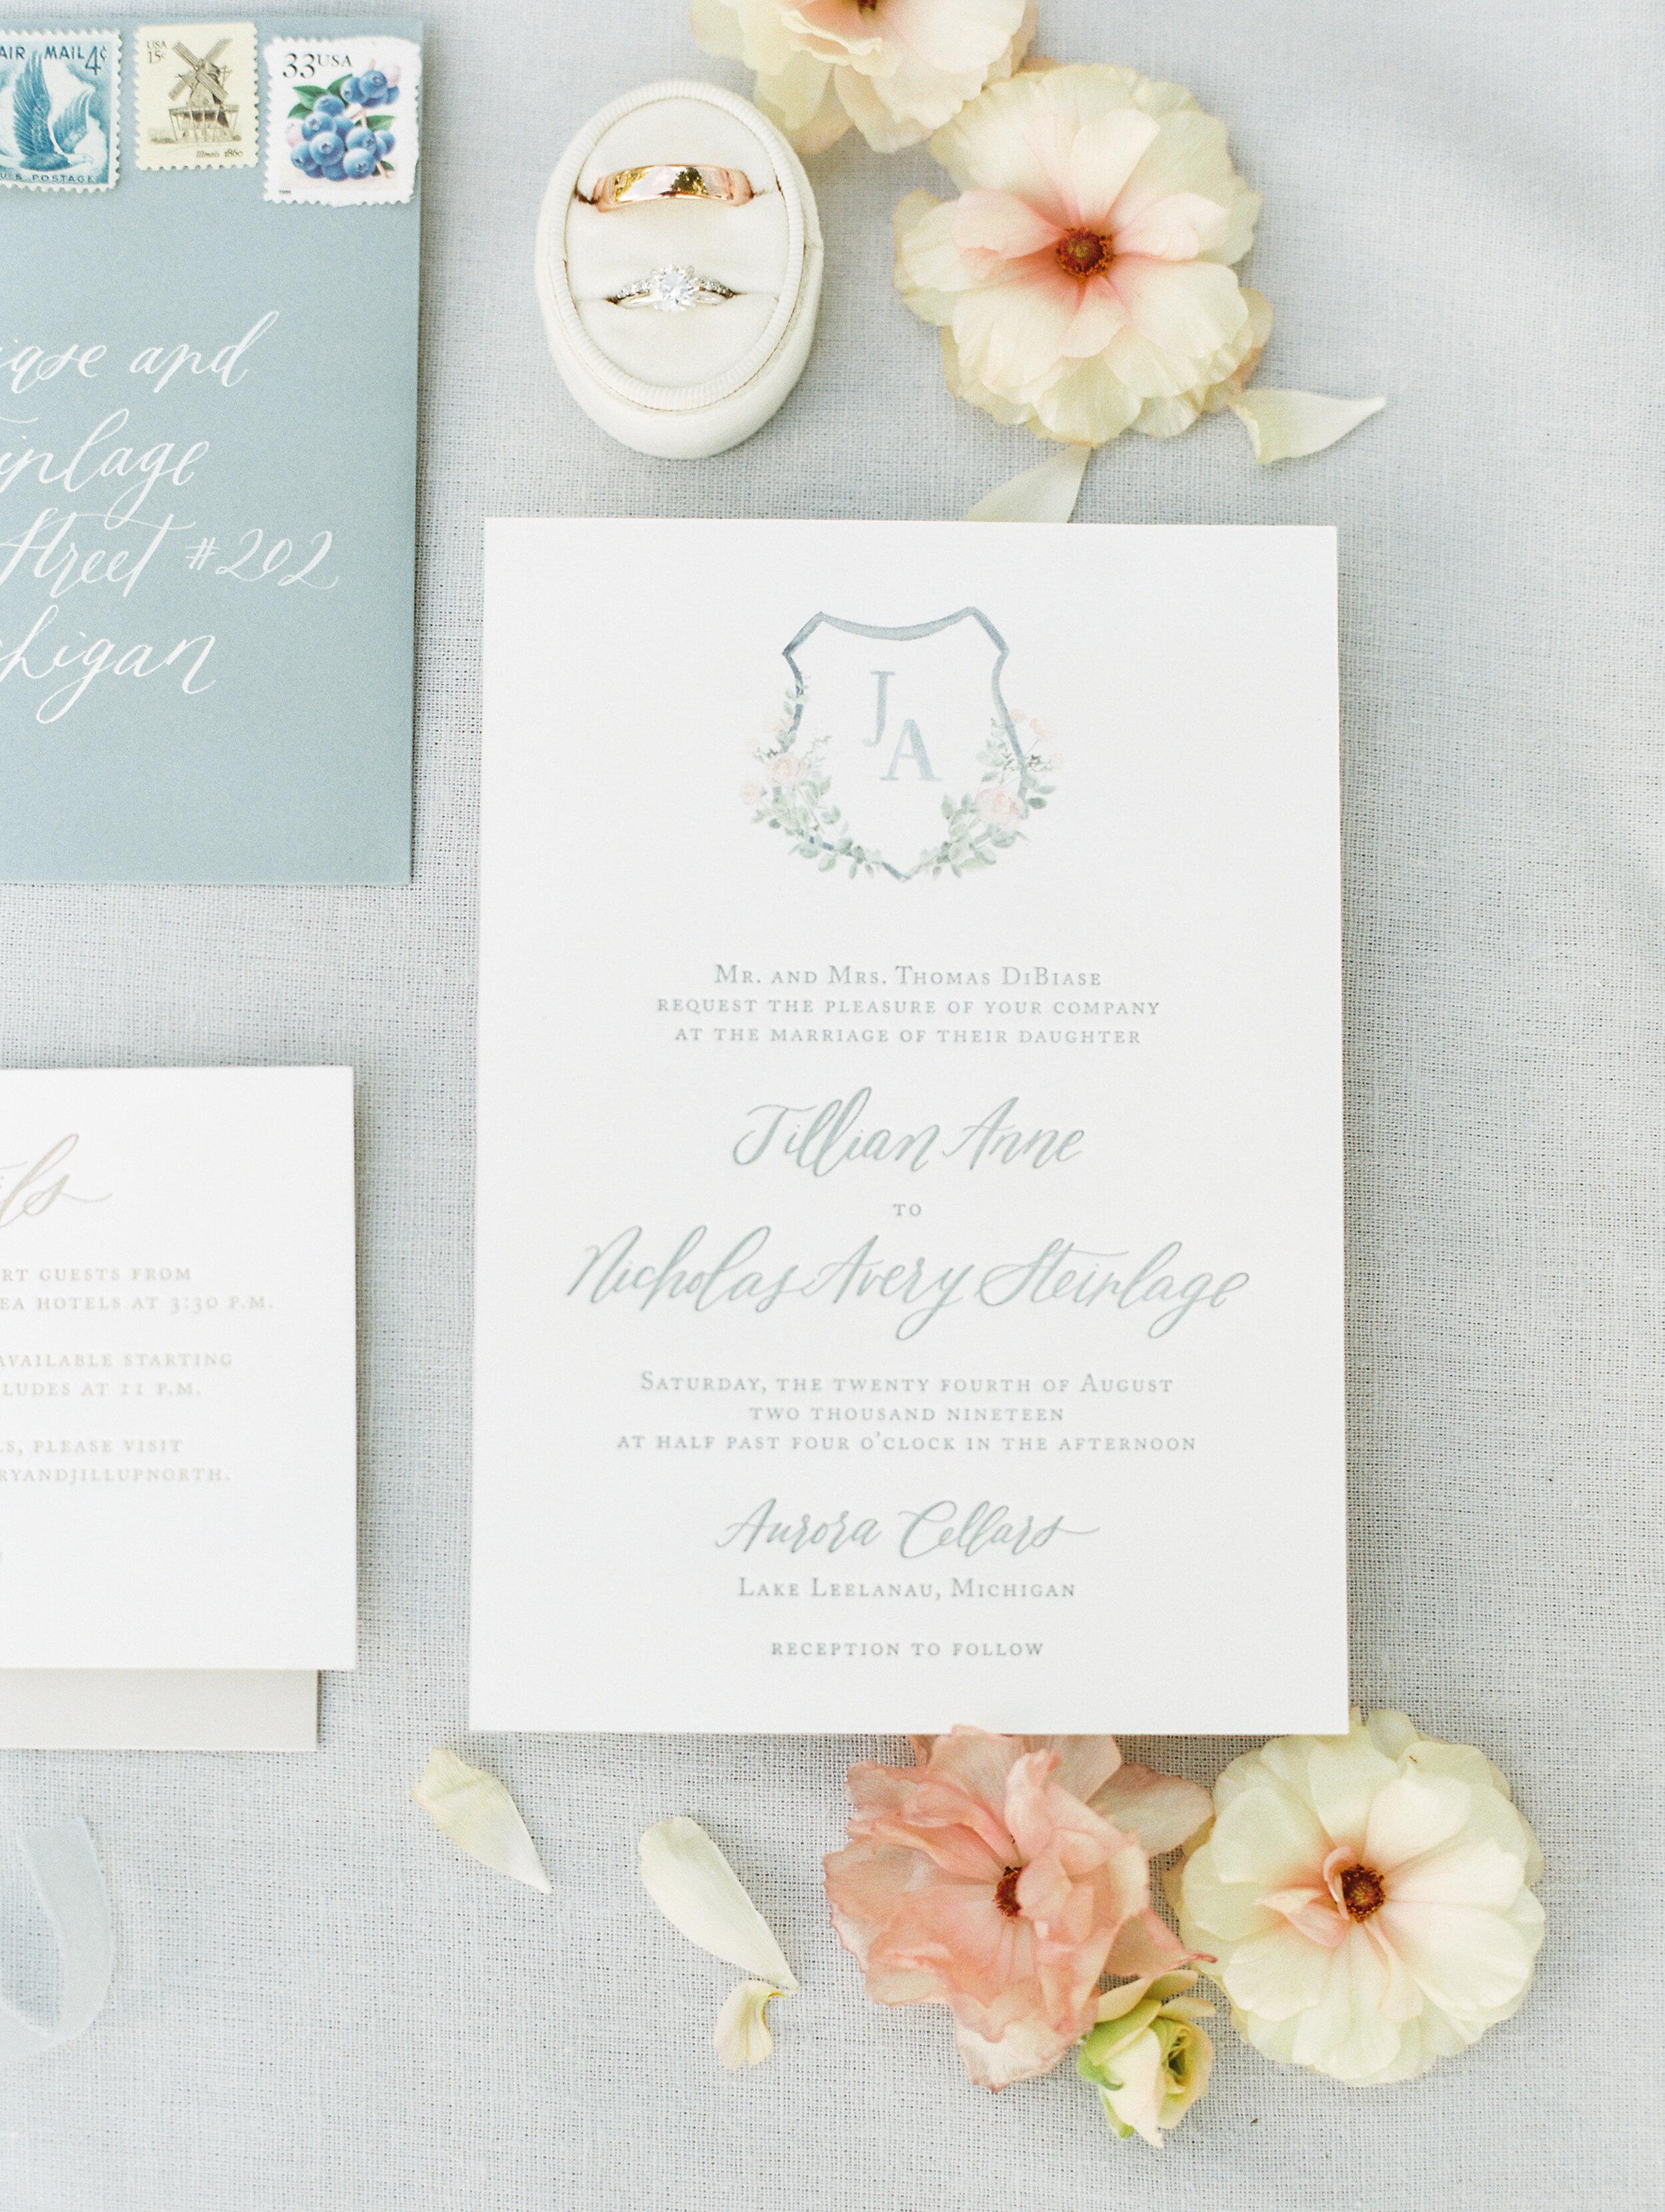 Steinlage+Wedding+Details-5.jpg